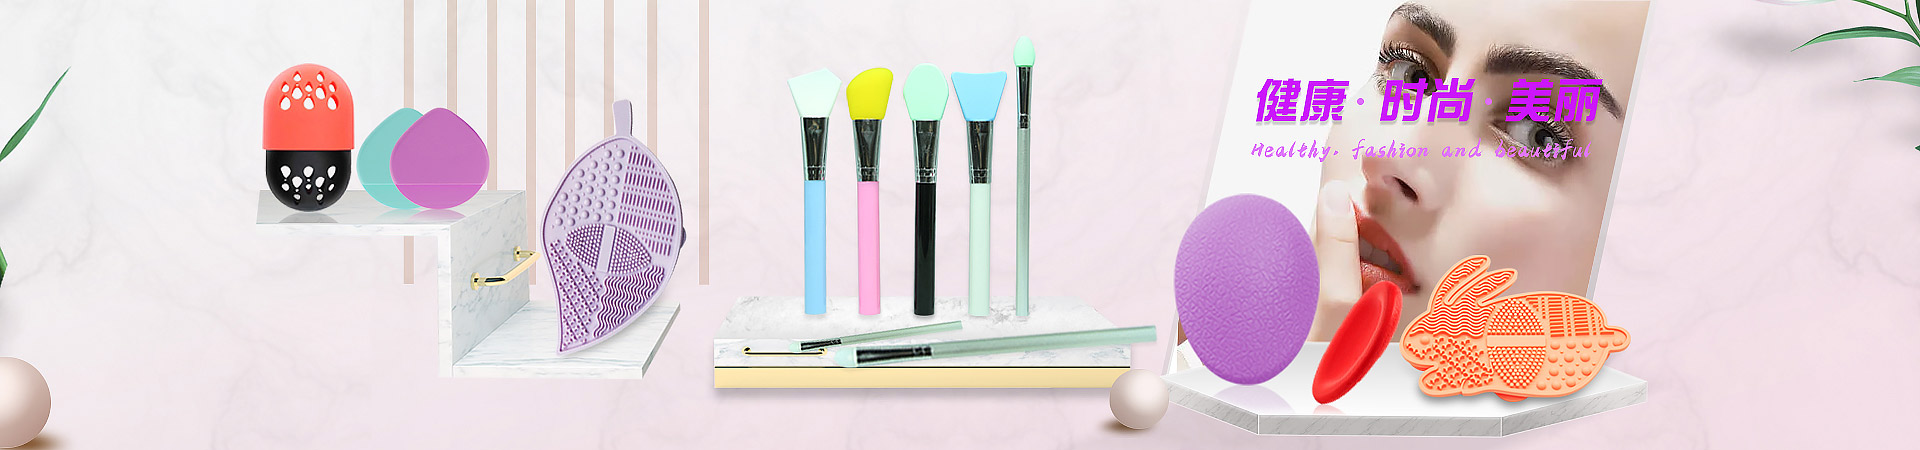 硅膠化妝工具